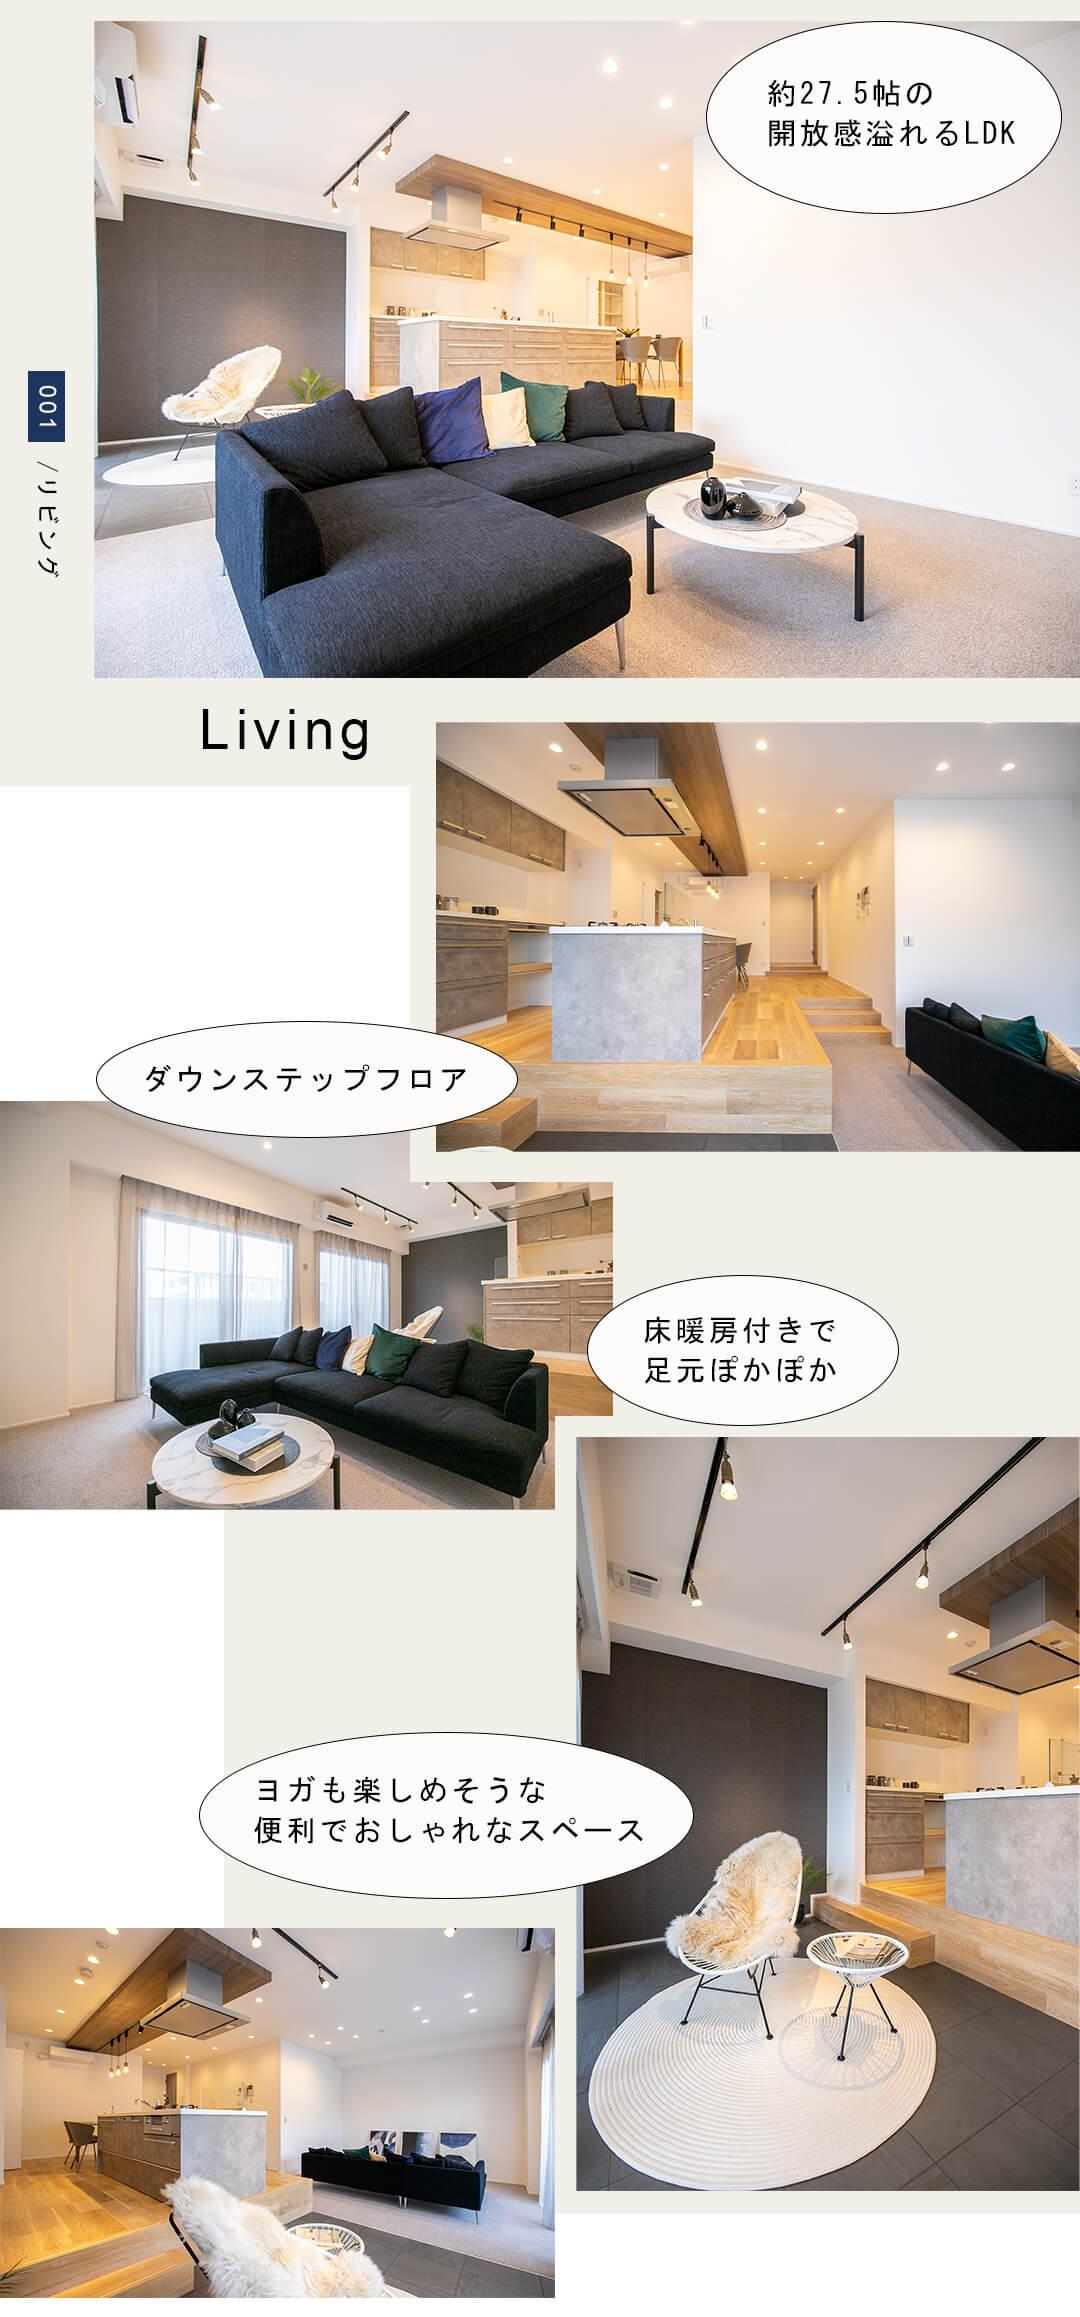 001リビング,Living